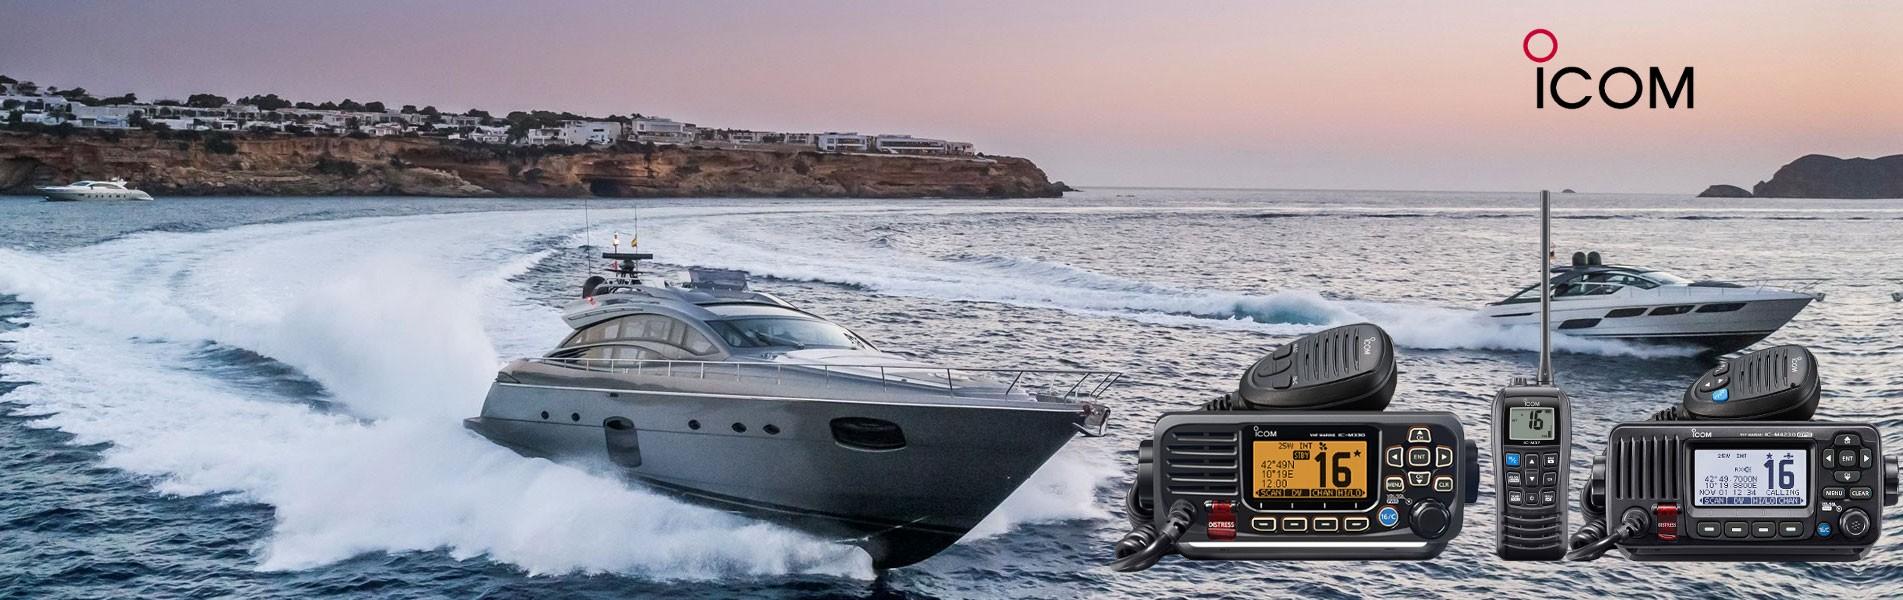 Yacht Radio comunicación